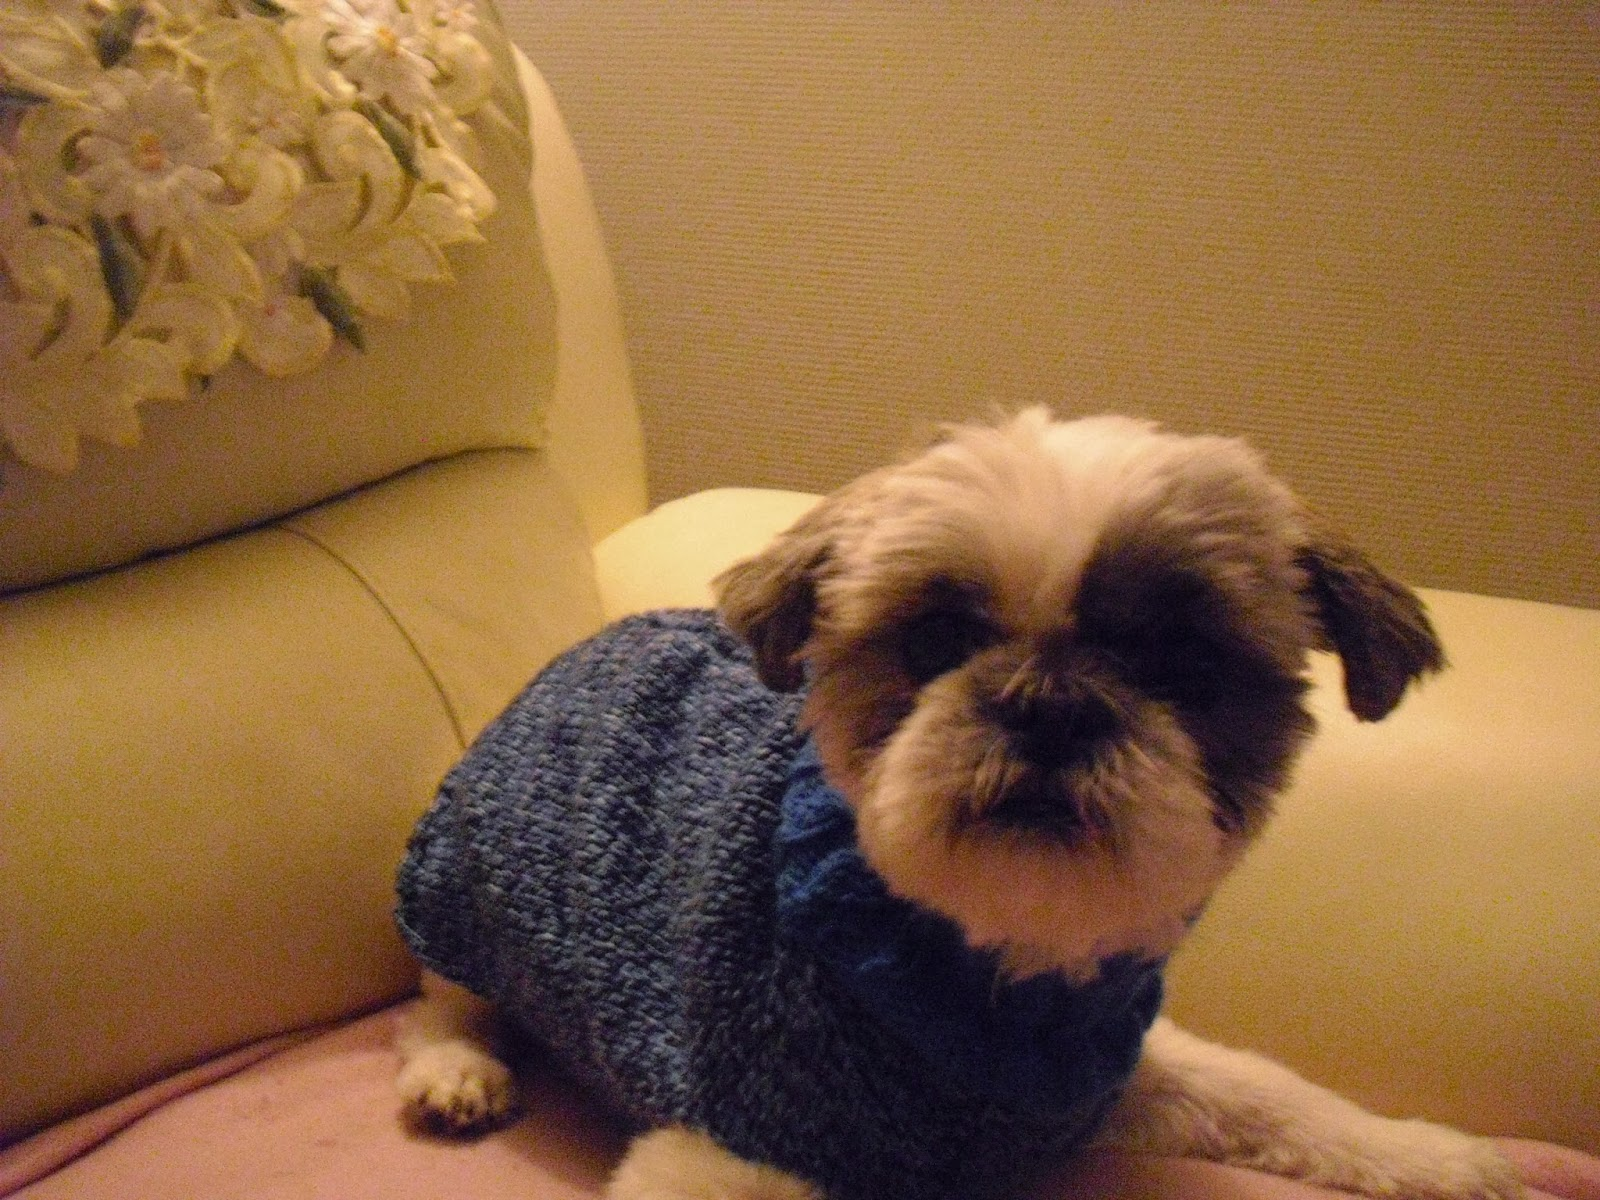 belles en tricot r alisez un magnifique manteau pour votre petit chien. Black Bedroom Furniture Sets. Home Design Ideas